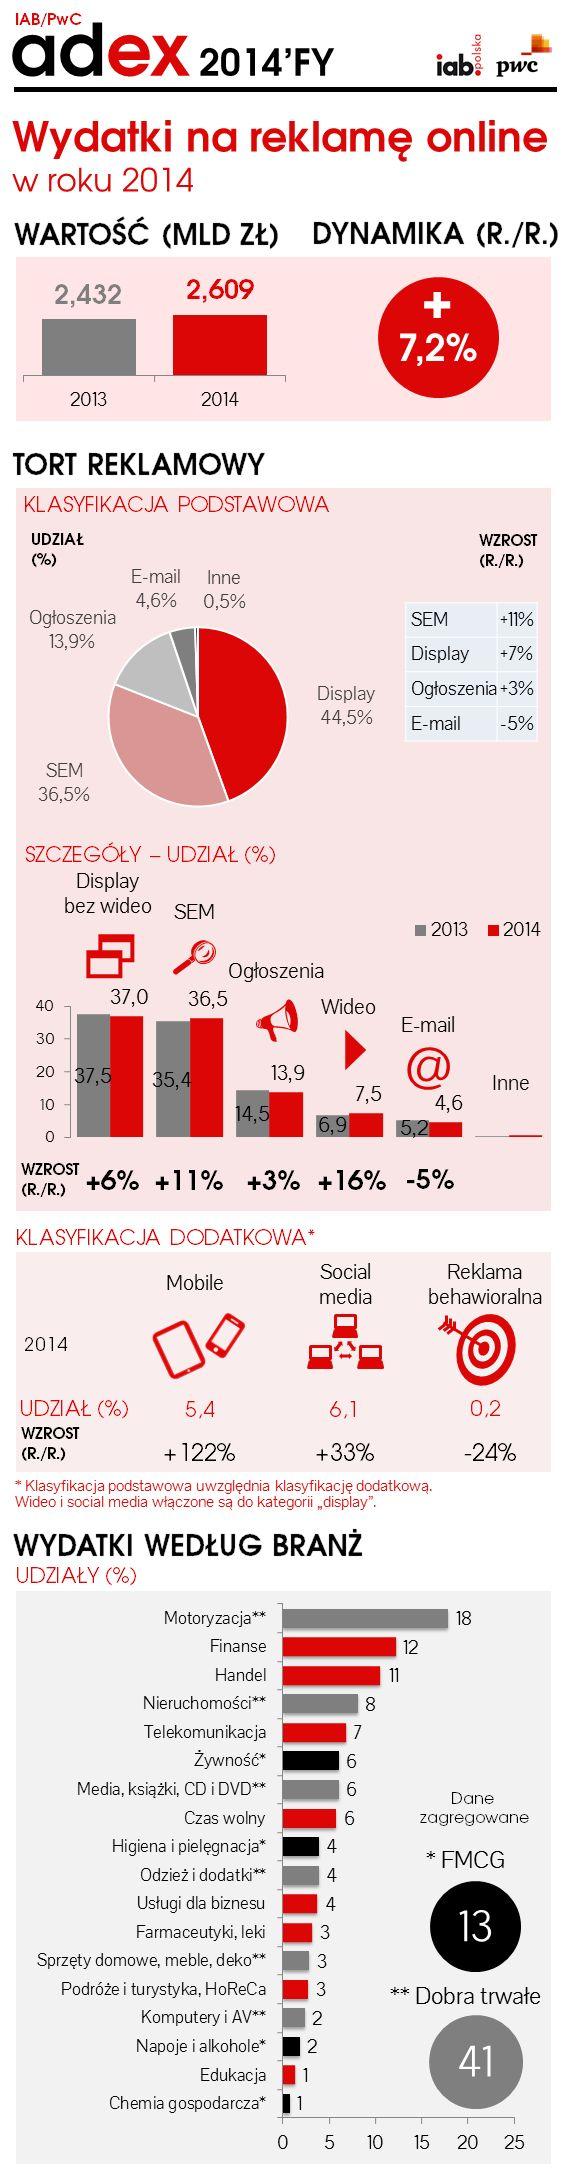 Według badania AdEx, realizowanego przez PwC na zlecenie Związku Pracodawców Branży Internetowej IAB Polska, w 2014 roku dynamika reklamy online w Polsce wyniosła 7,2% i przełożyła się na dodatkowe 176 mln zł wydane na komunikację cyfrową w porównaniu do roku wcześniejszego. Wartość wydatków w roku ubiegłym wyniosła tym samym 2,6 mld złotych. Największą dynamiką wykazała się reklama w urządzeniach mobilnych, mediach społecznościowych oraz wideo online.